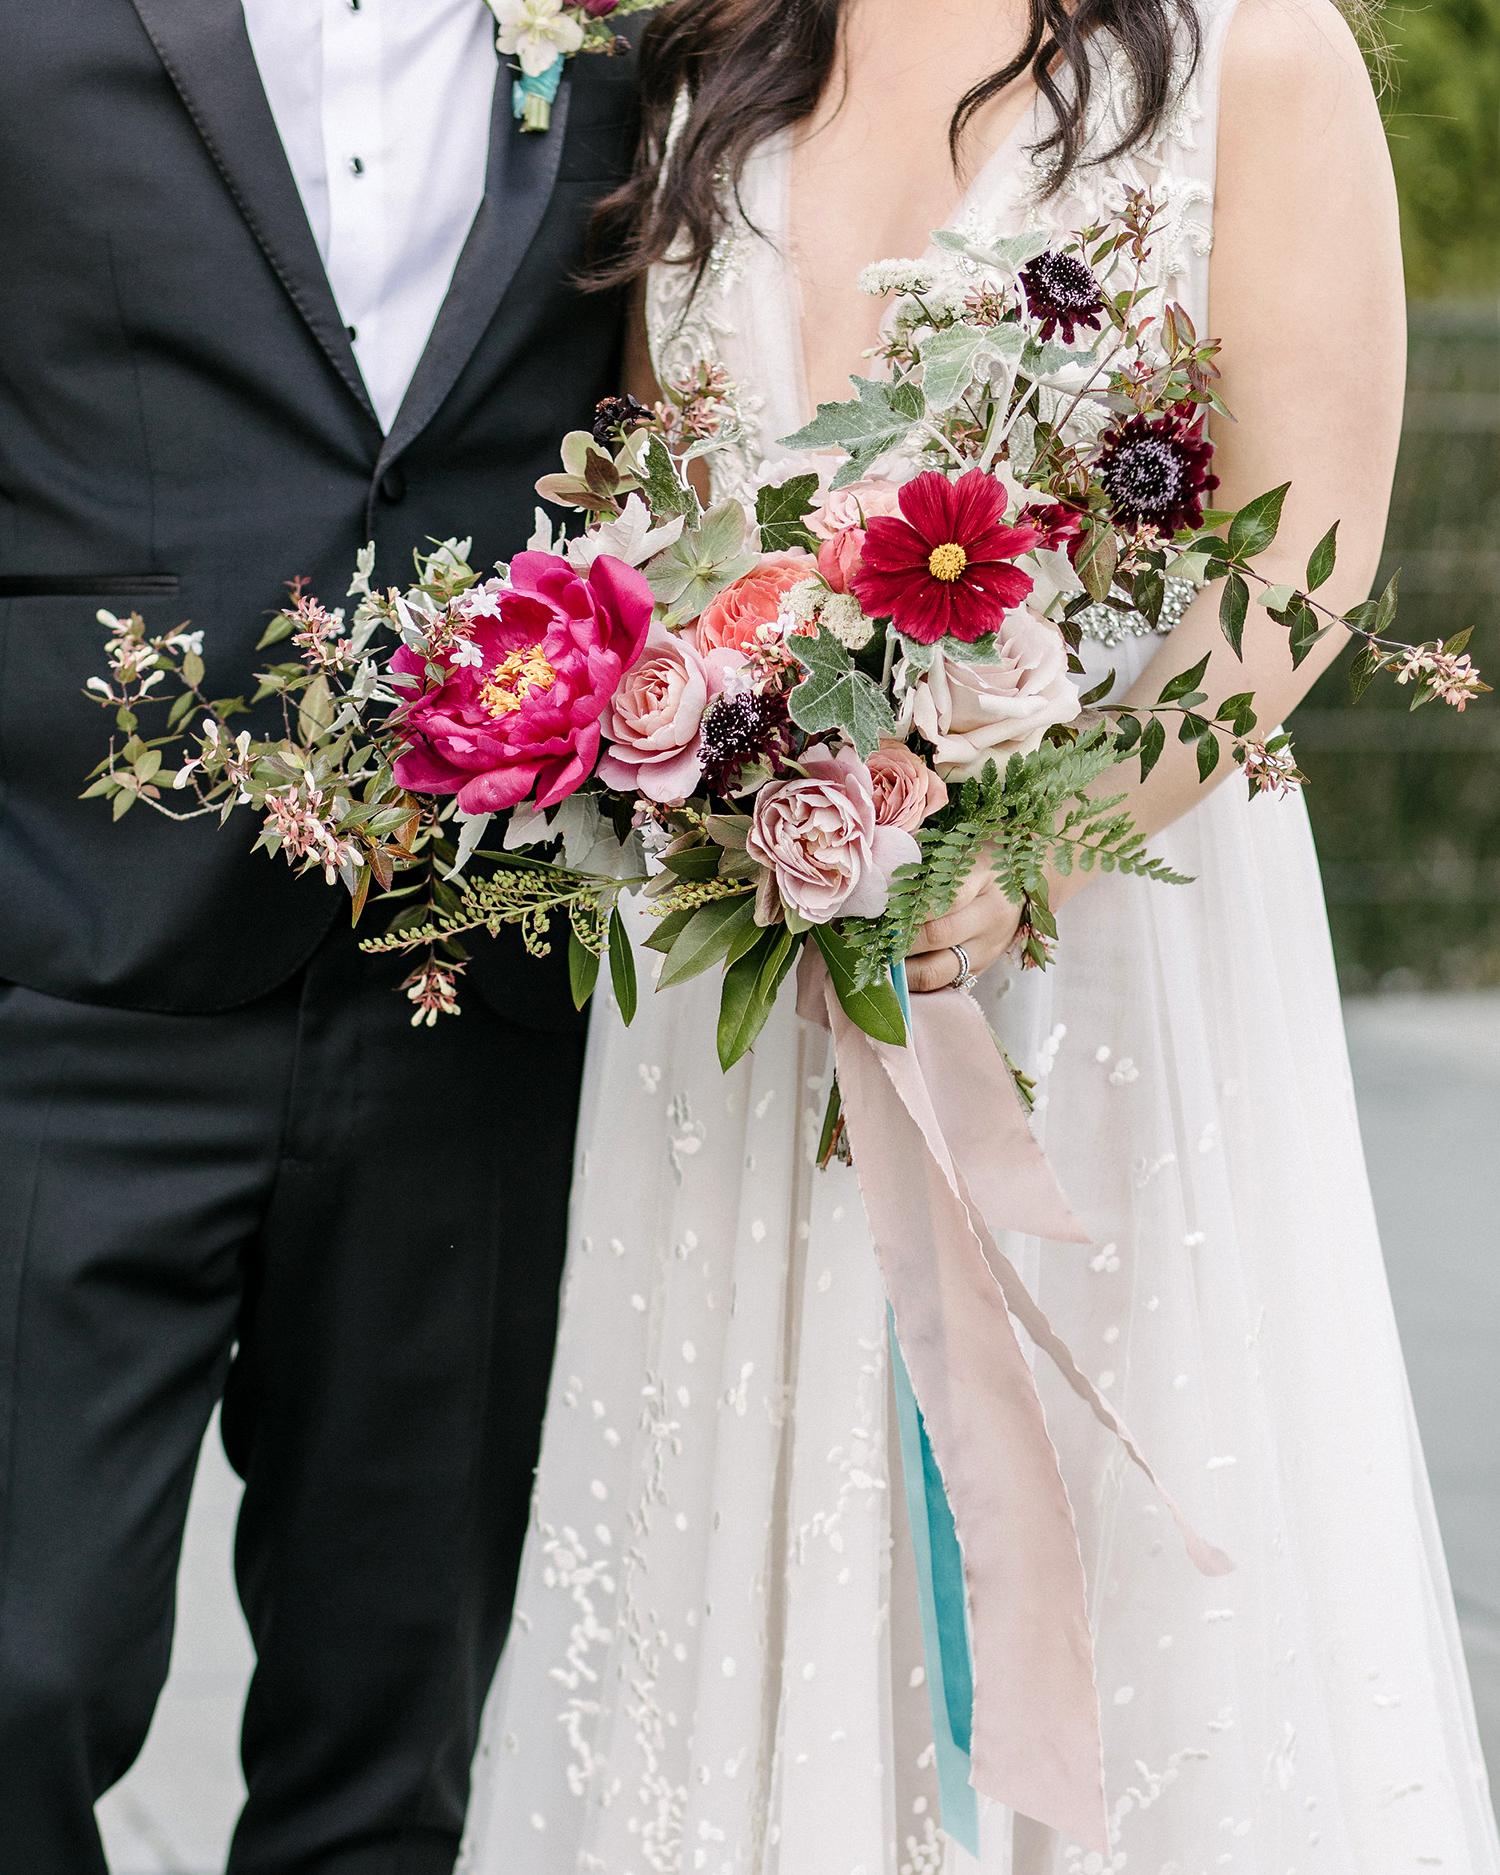 stephanie tim wedding bridal bouquet